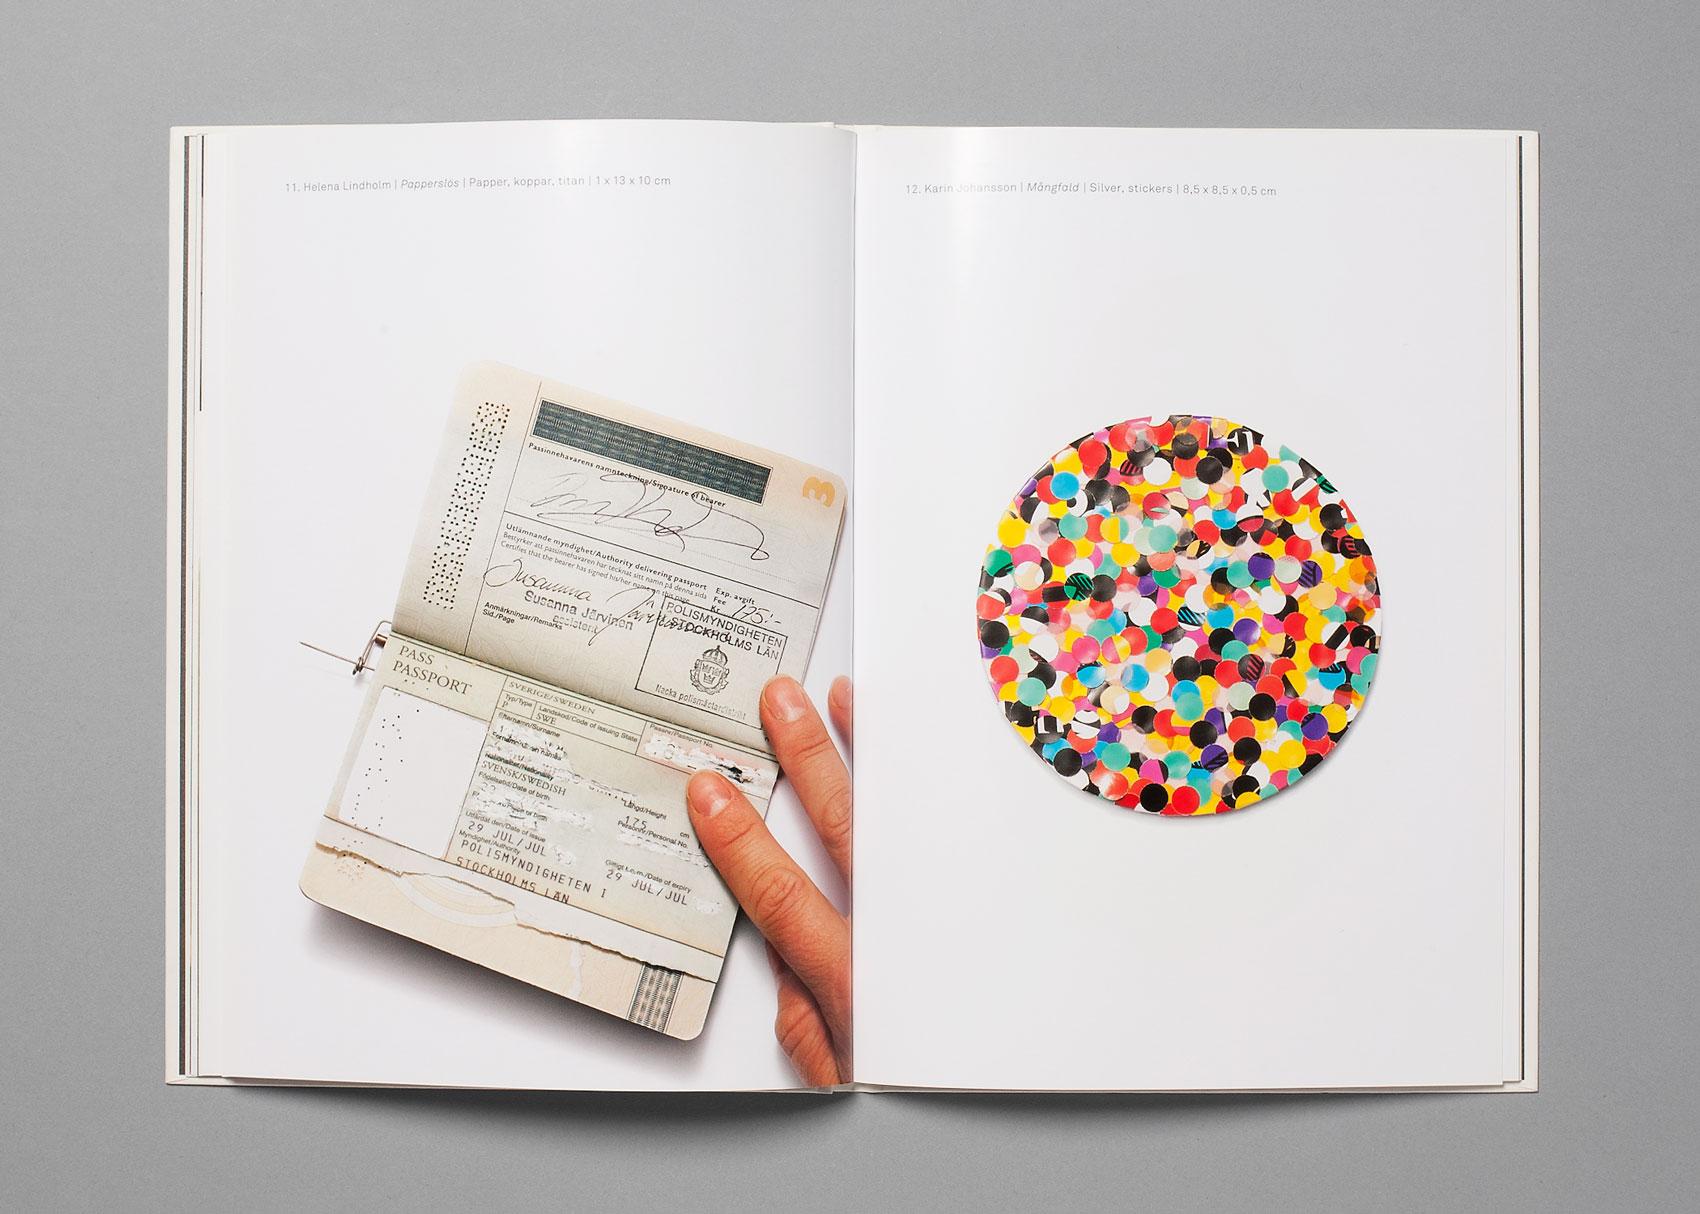 Alla_katalog_raka06_1700_passport